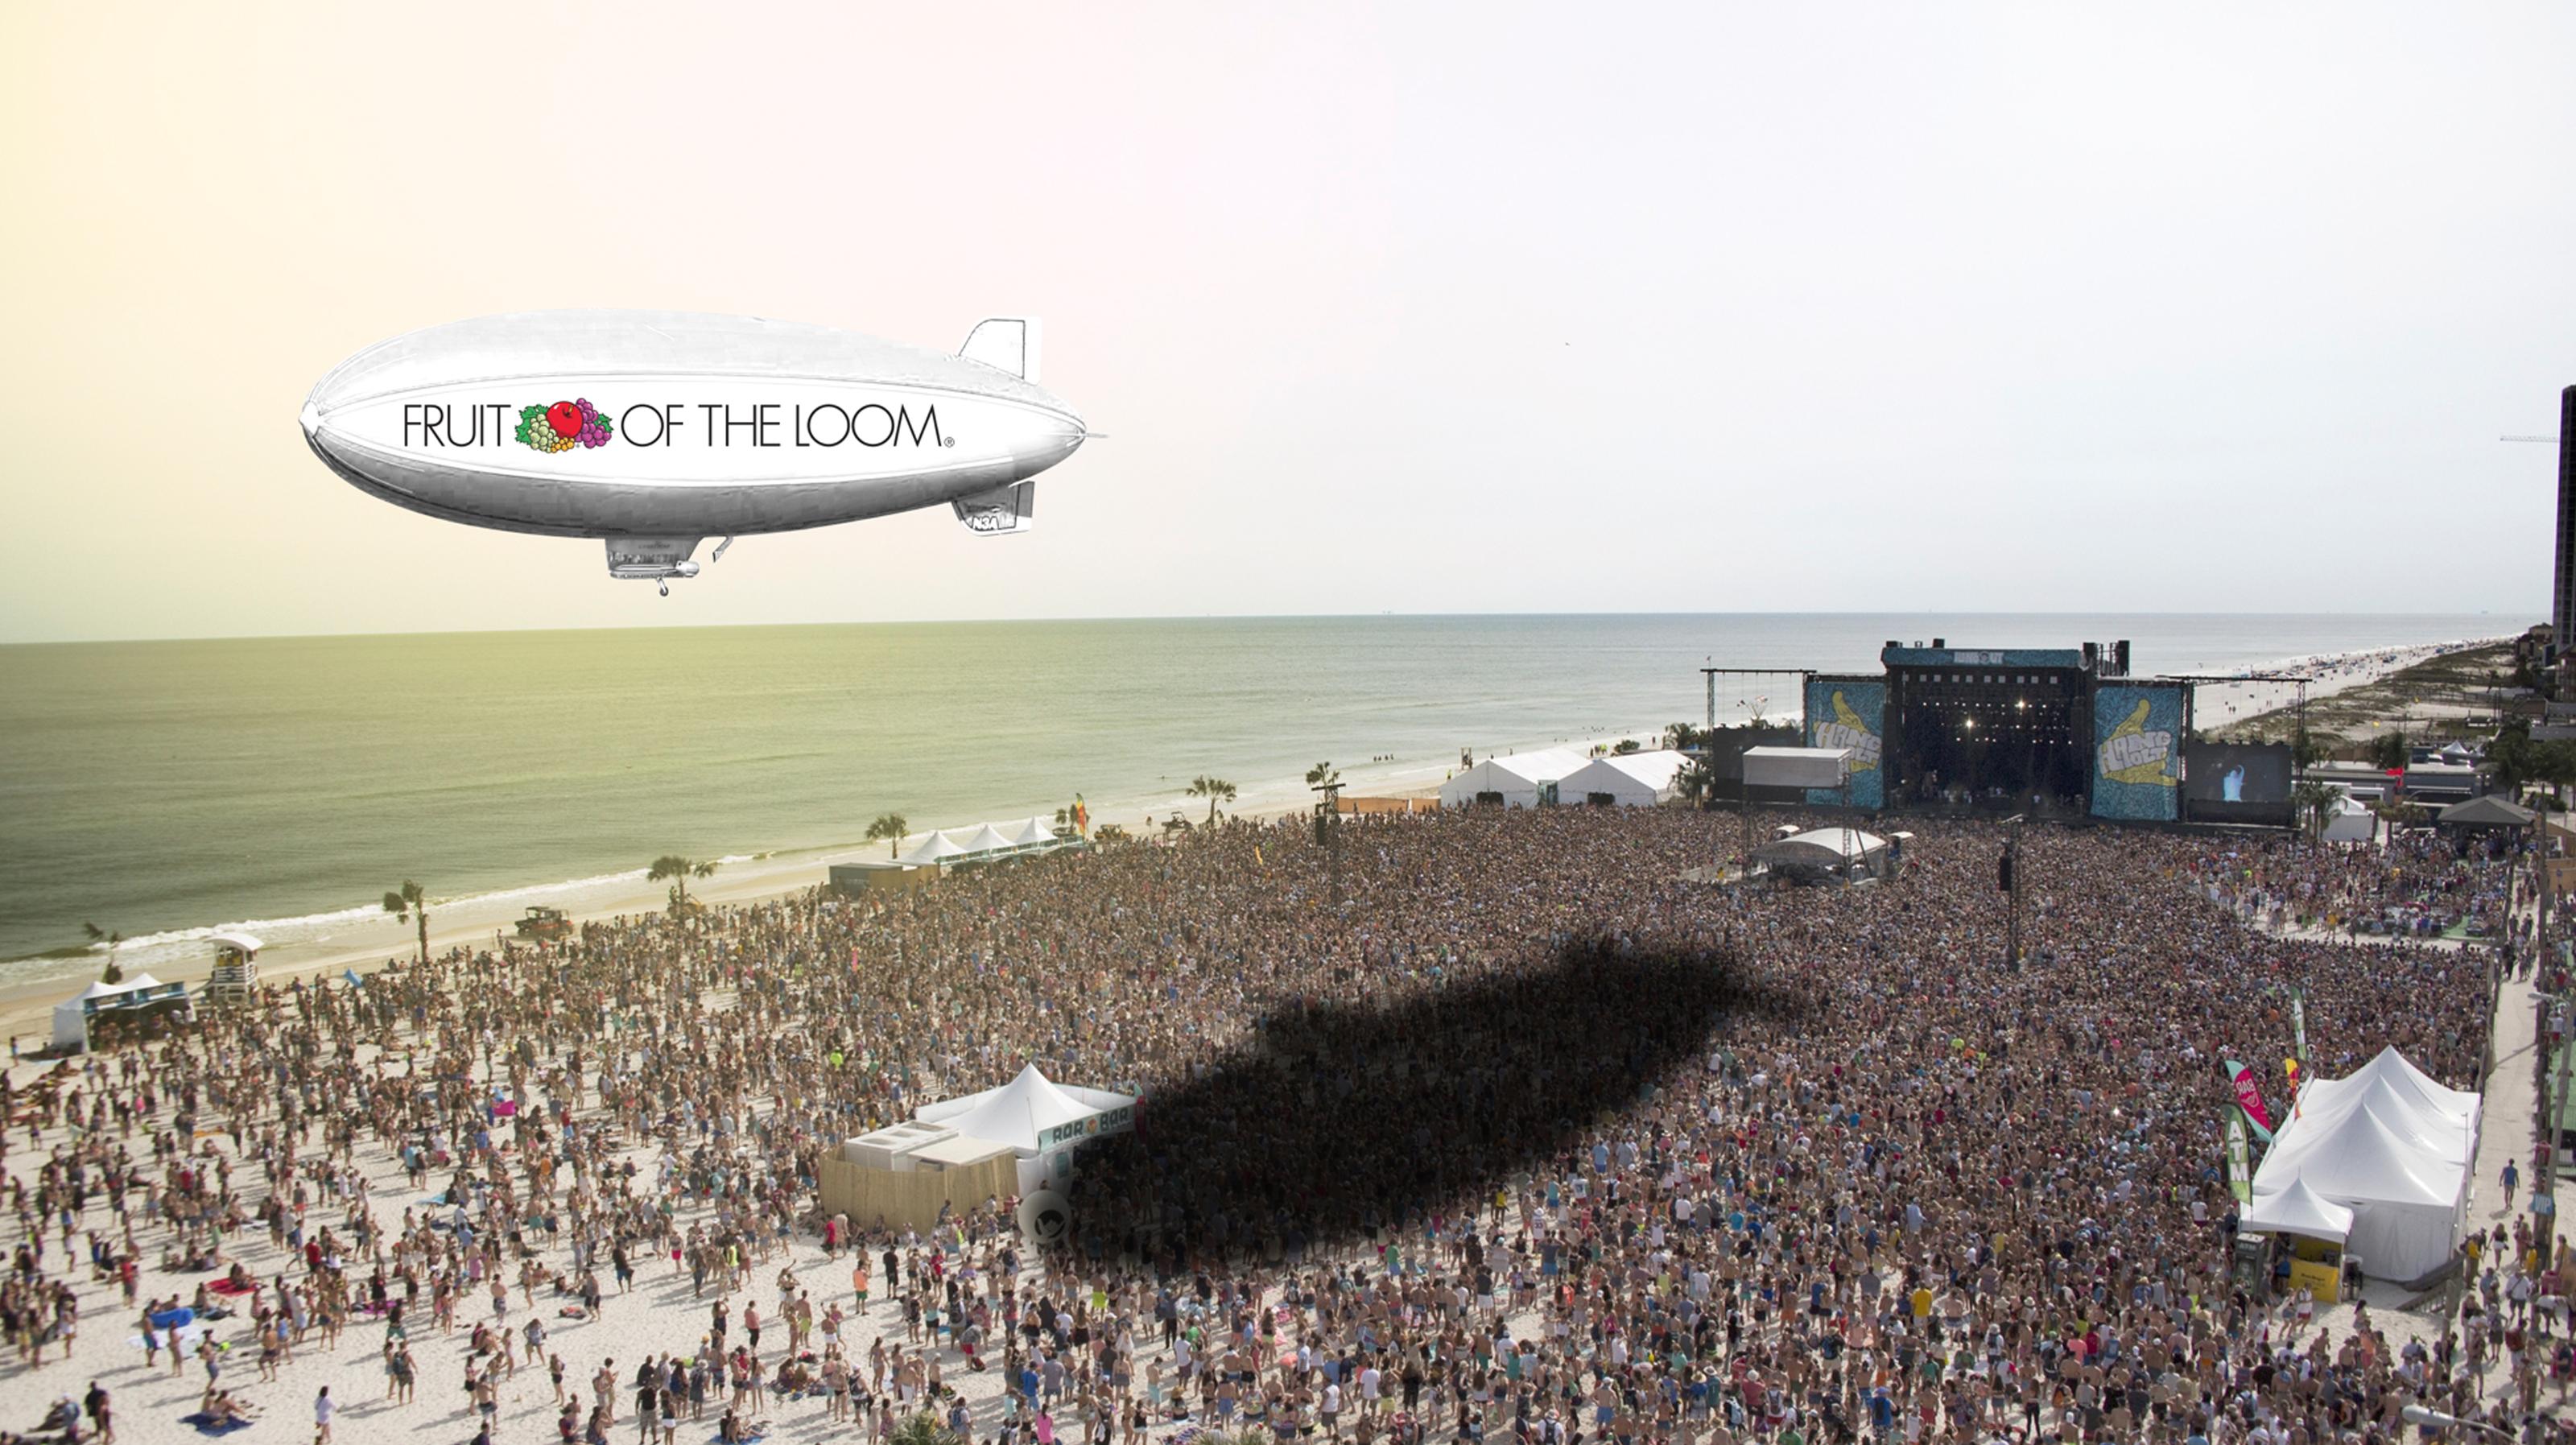 blimp festival